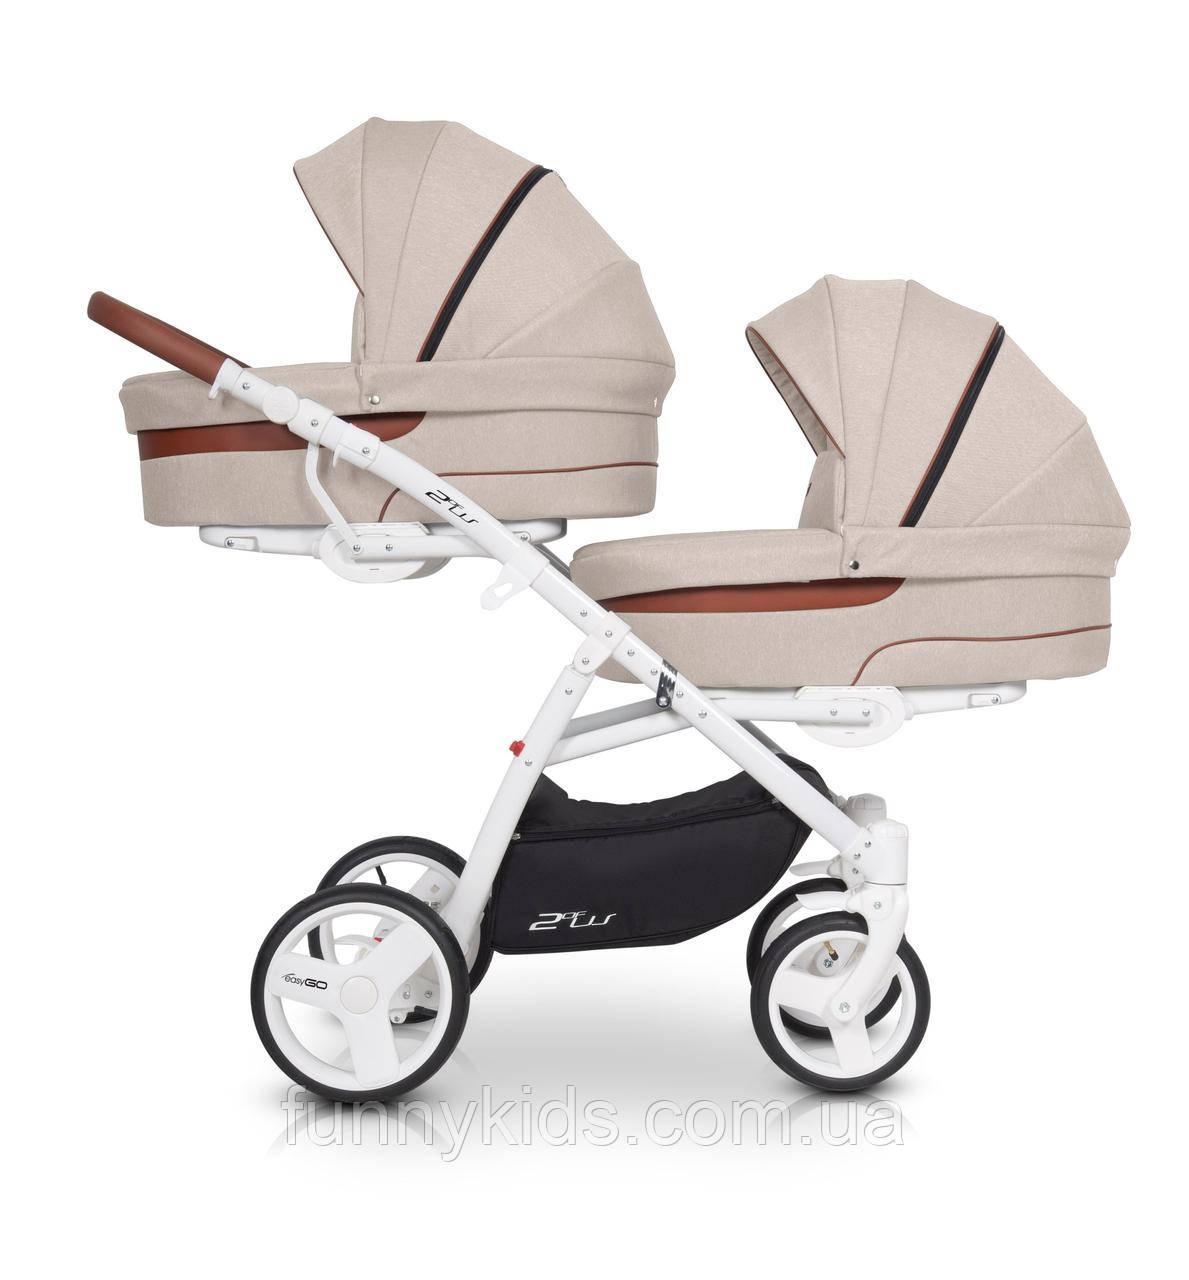 универсальная коляска 2 в 1 для двойни Easy Go 2of Us Latte доставка нп в подарок